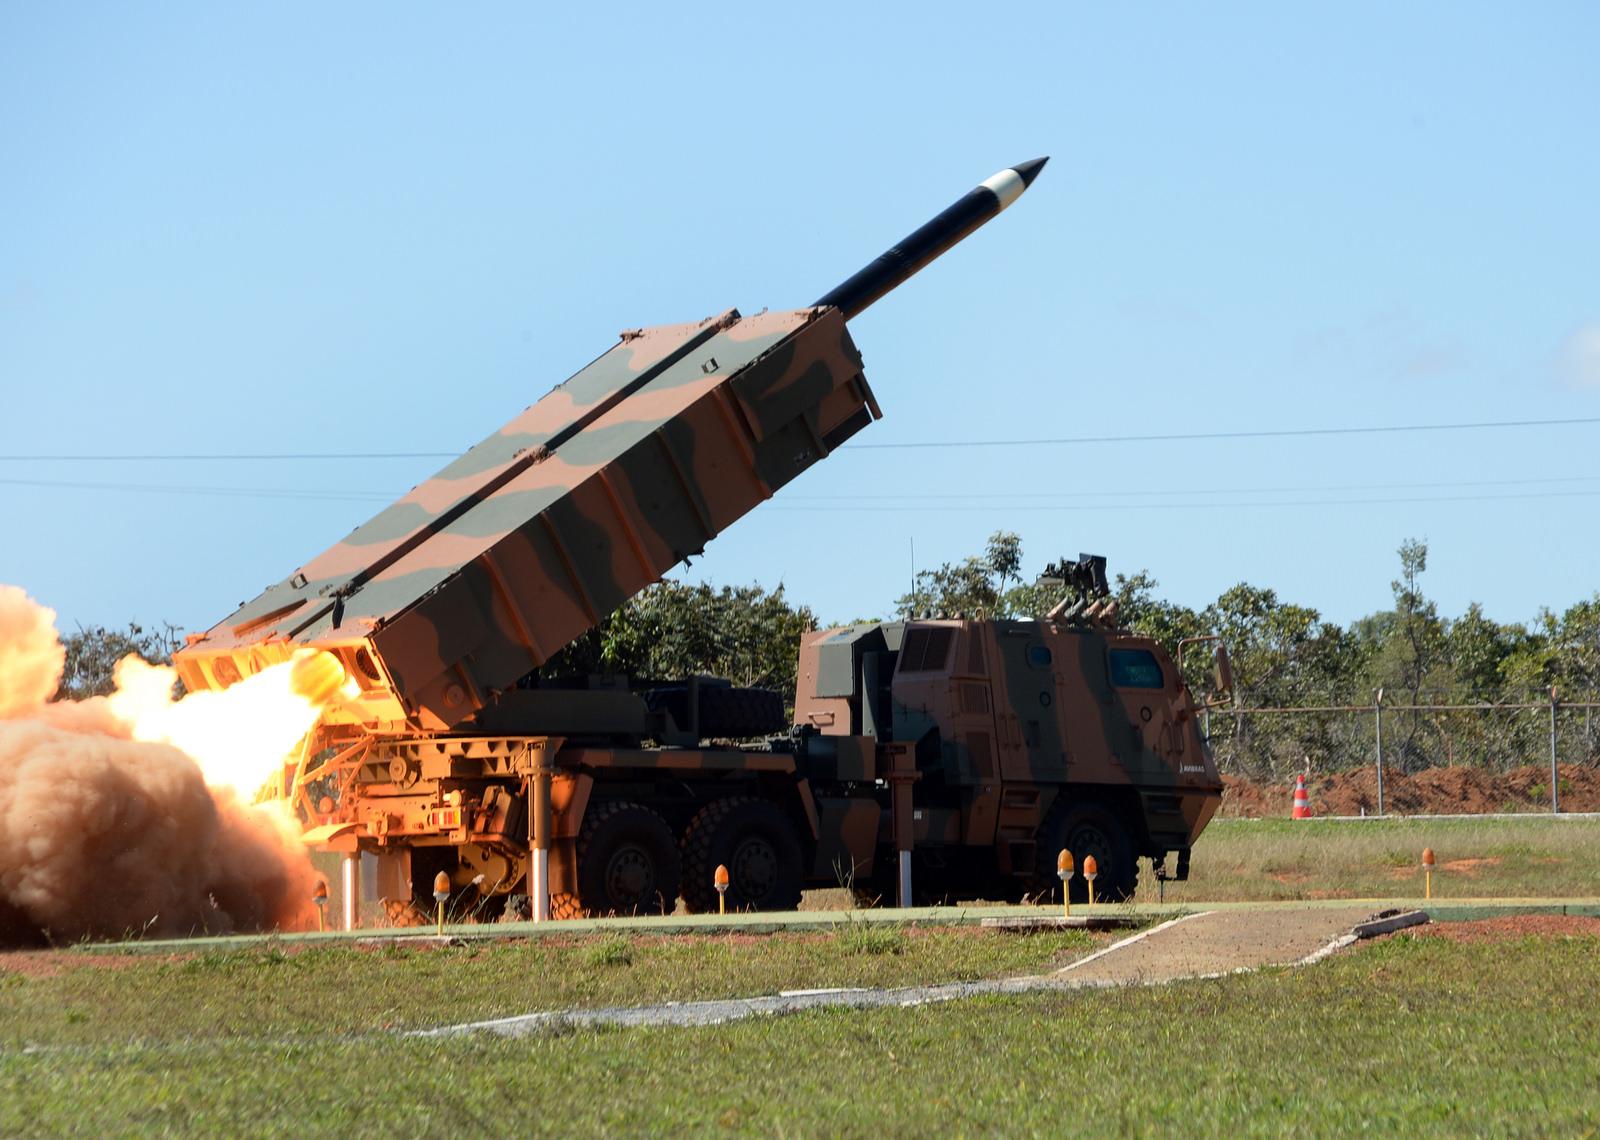 Brasil moderniza su fuerza de Artillería con vehículos nuevos.  Astros-2020-21